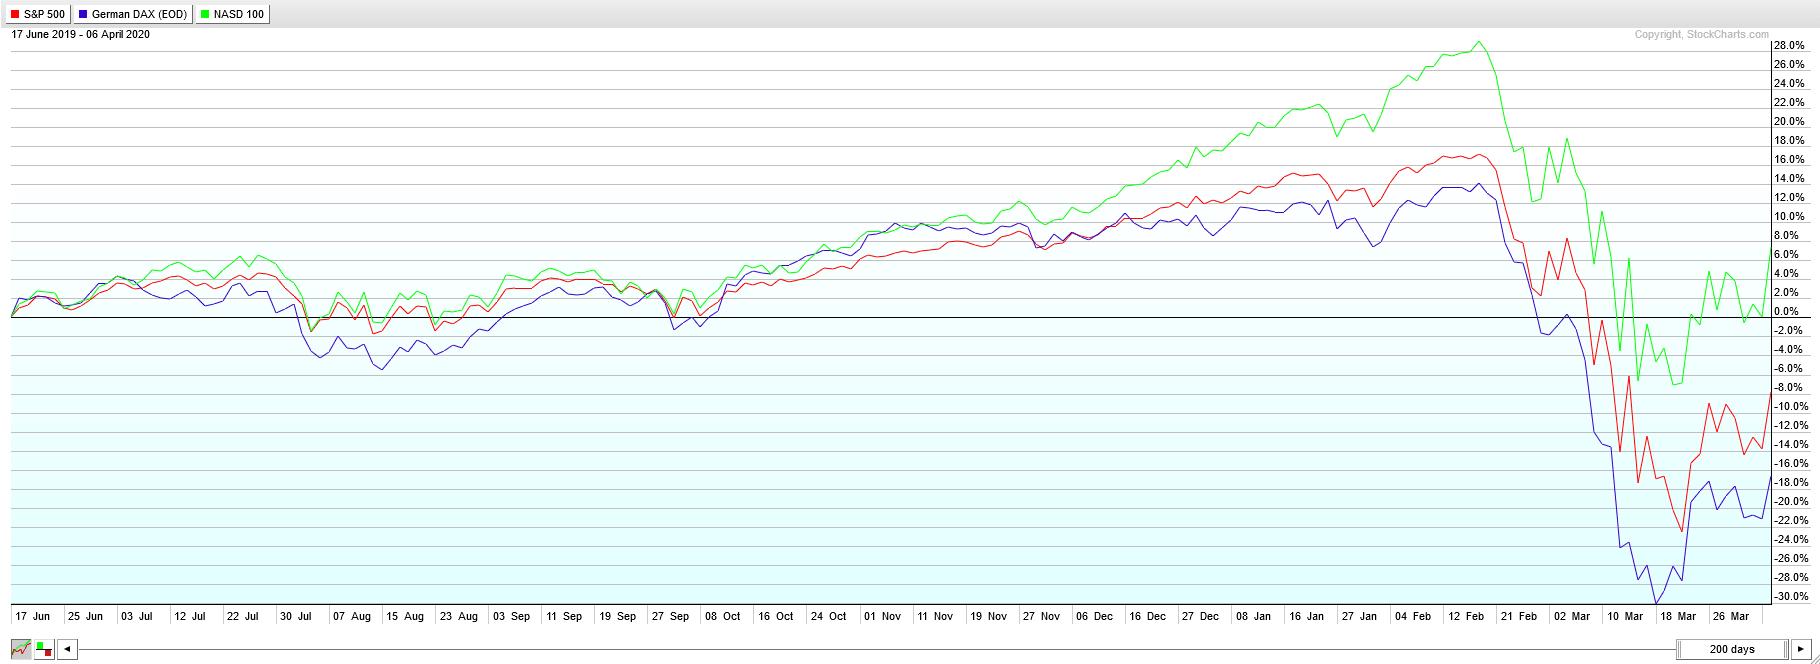 Performance_Chart_SP_500_Nasdaq_100_DAX